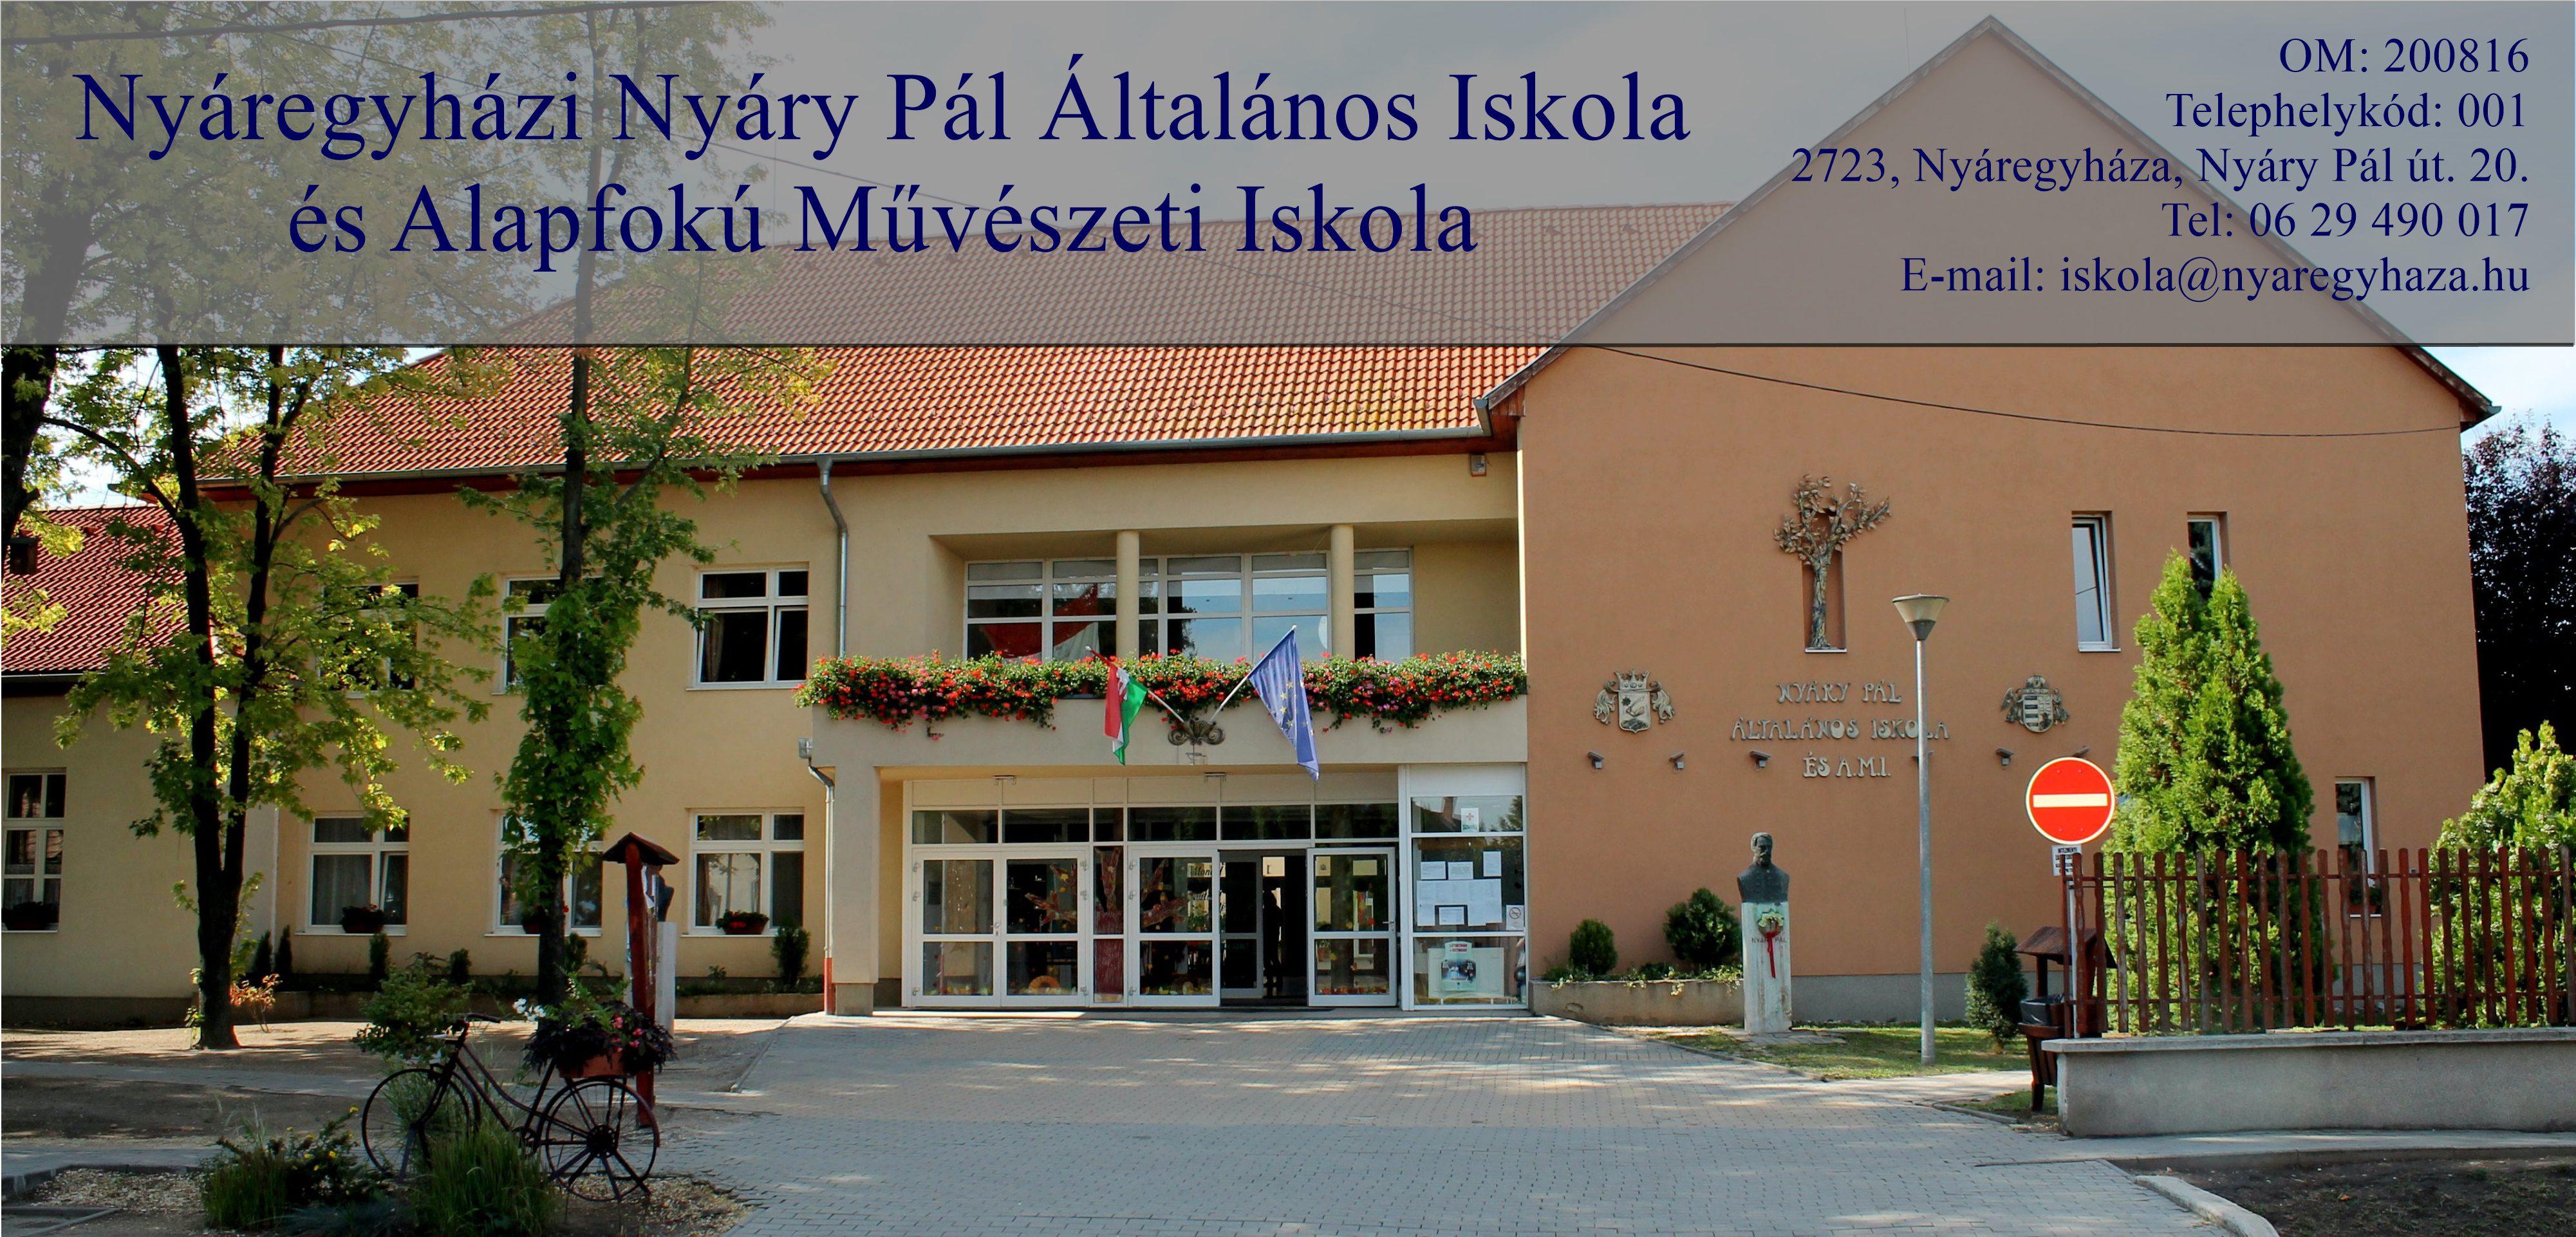 Nyáregyházi Nyáry Pál Általános Iskola és Alapfokú Művészeti Iskola